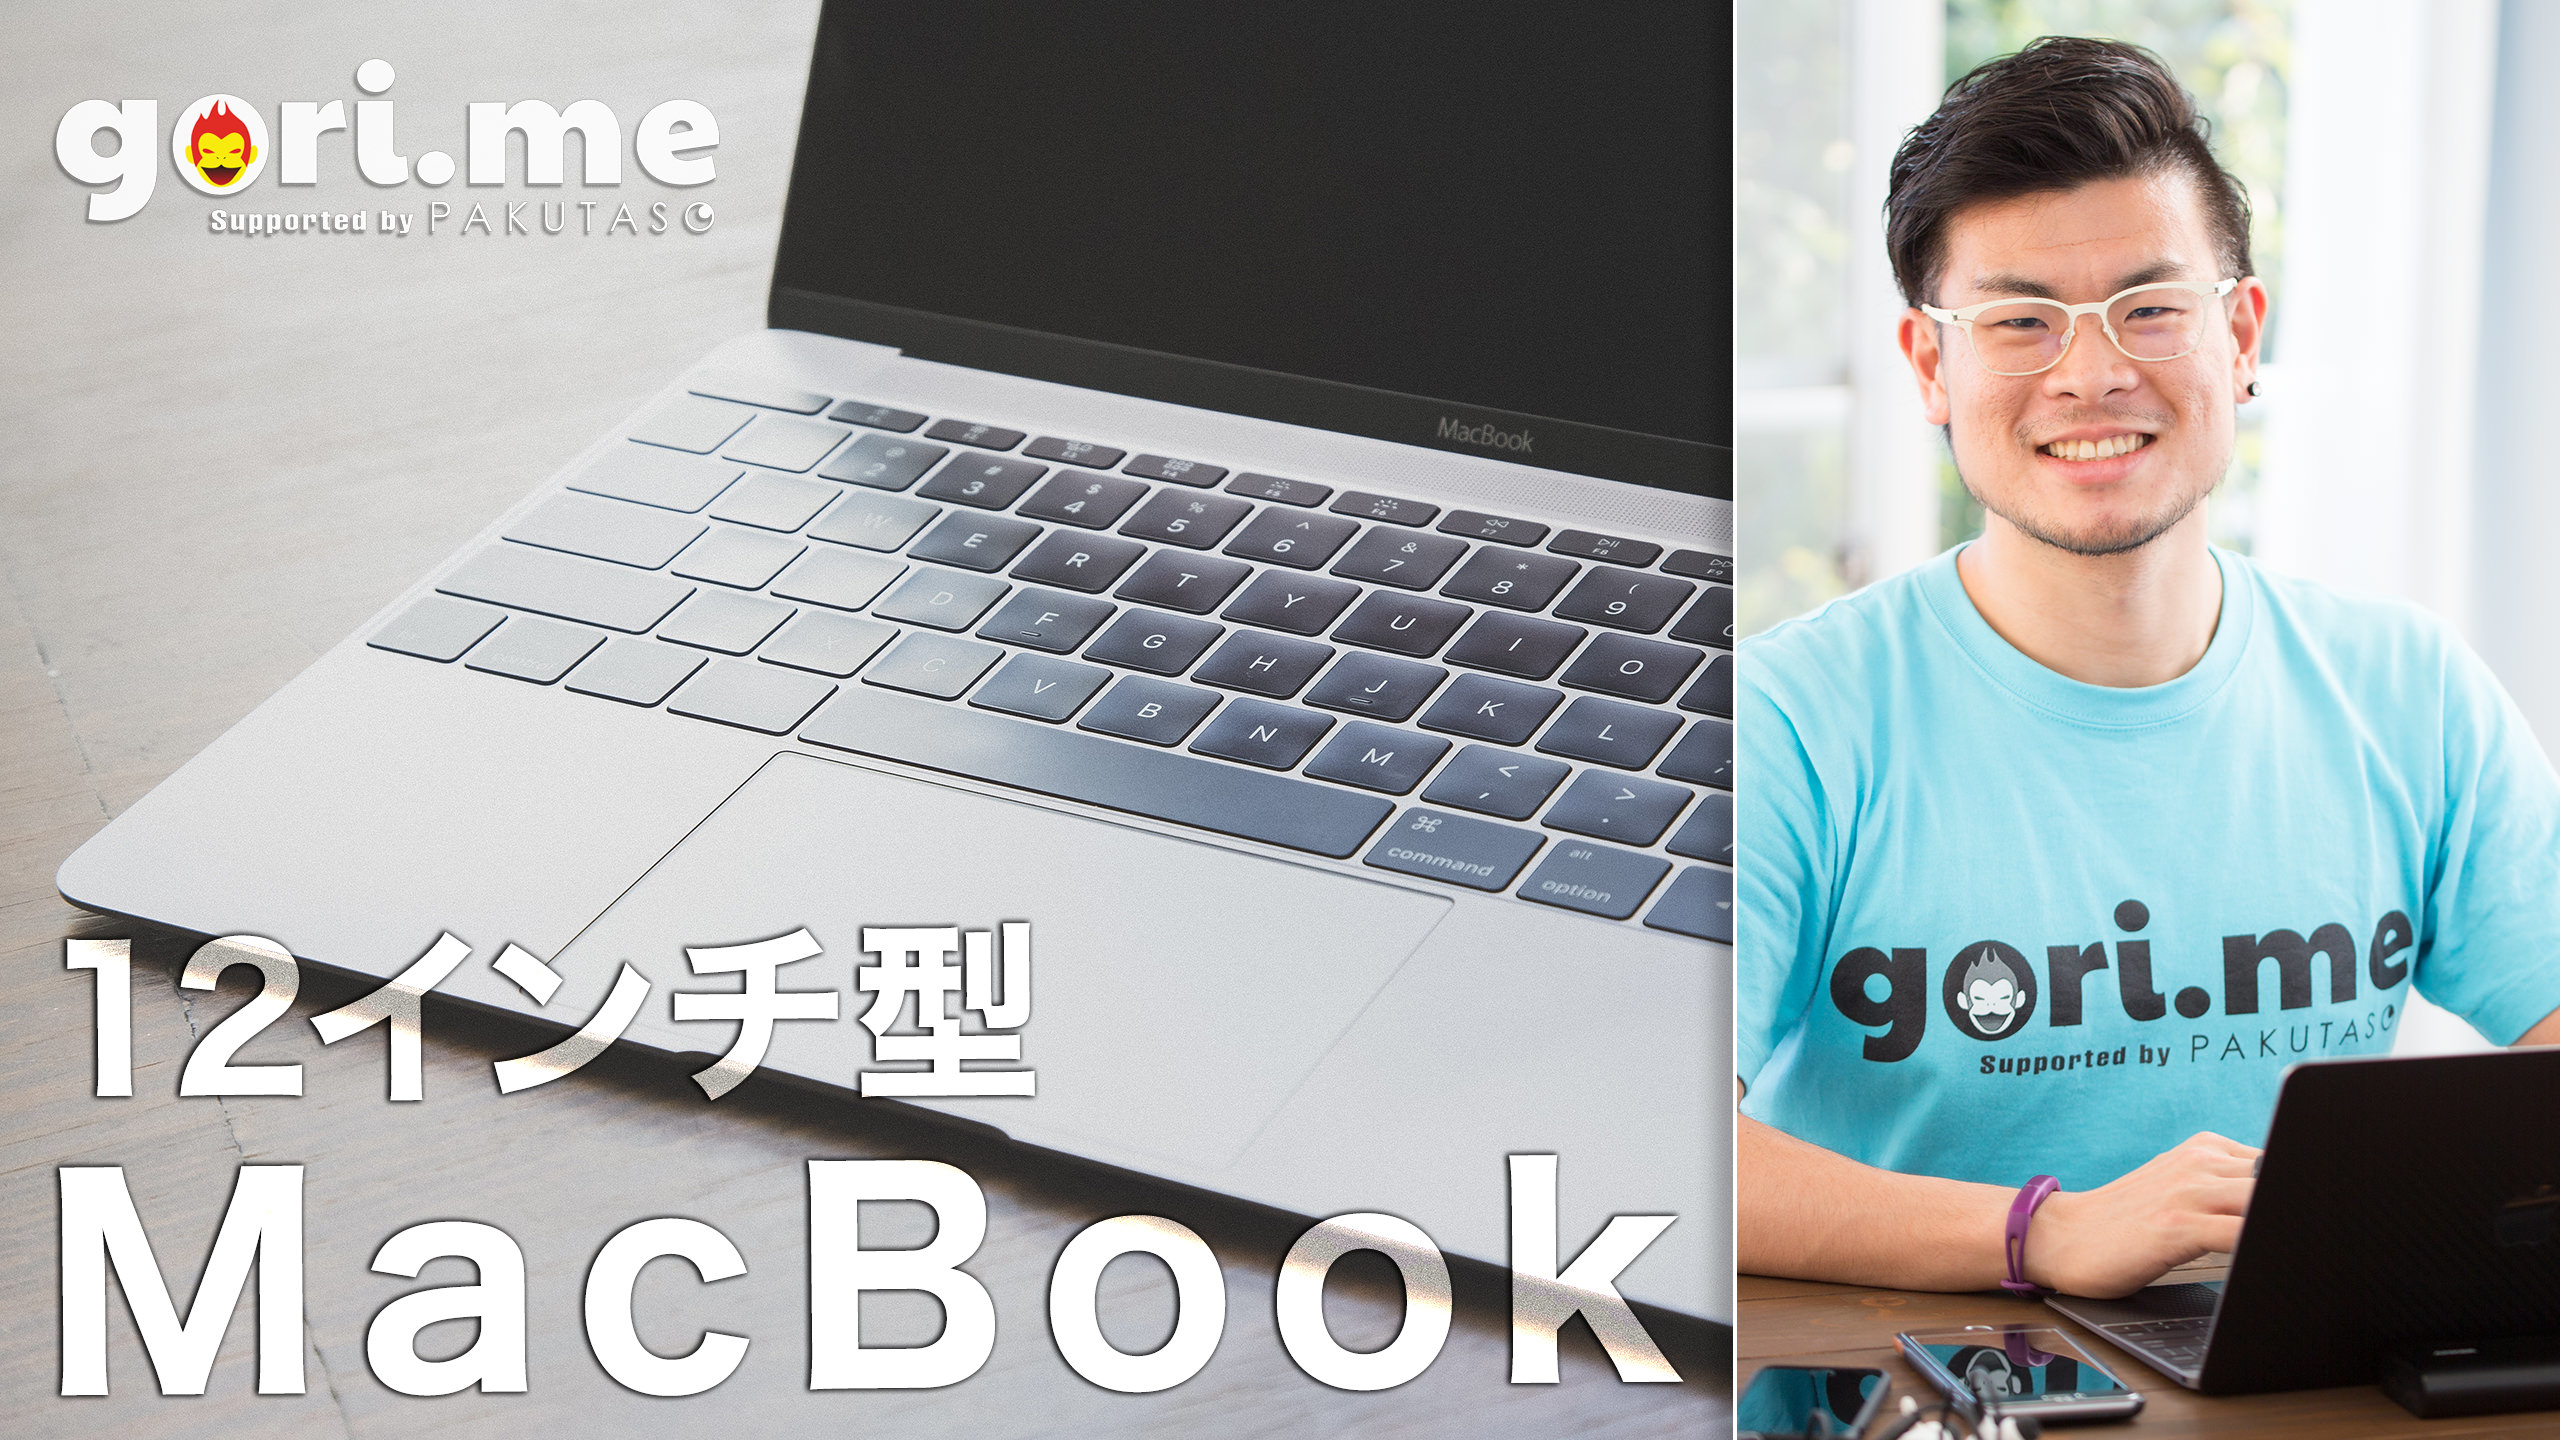 持ち運びに重宝するコンパクトノートPC「12インチ型MacBook」を解説